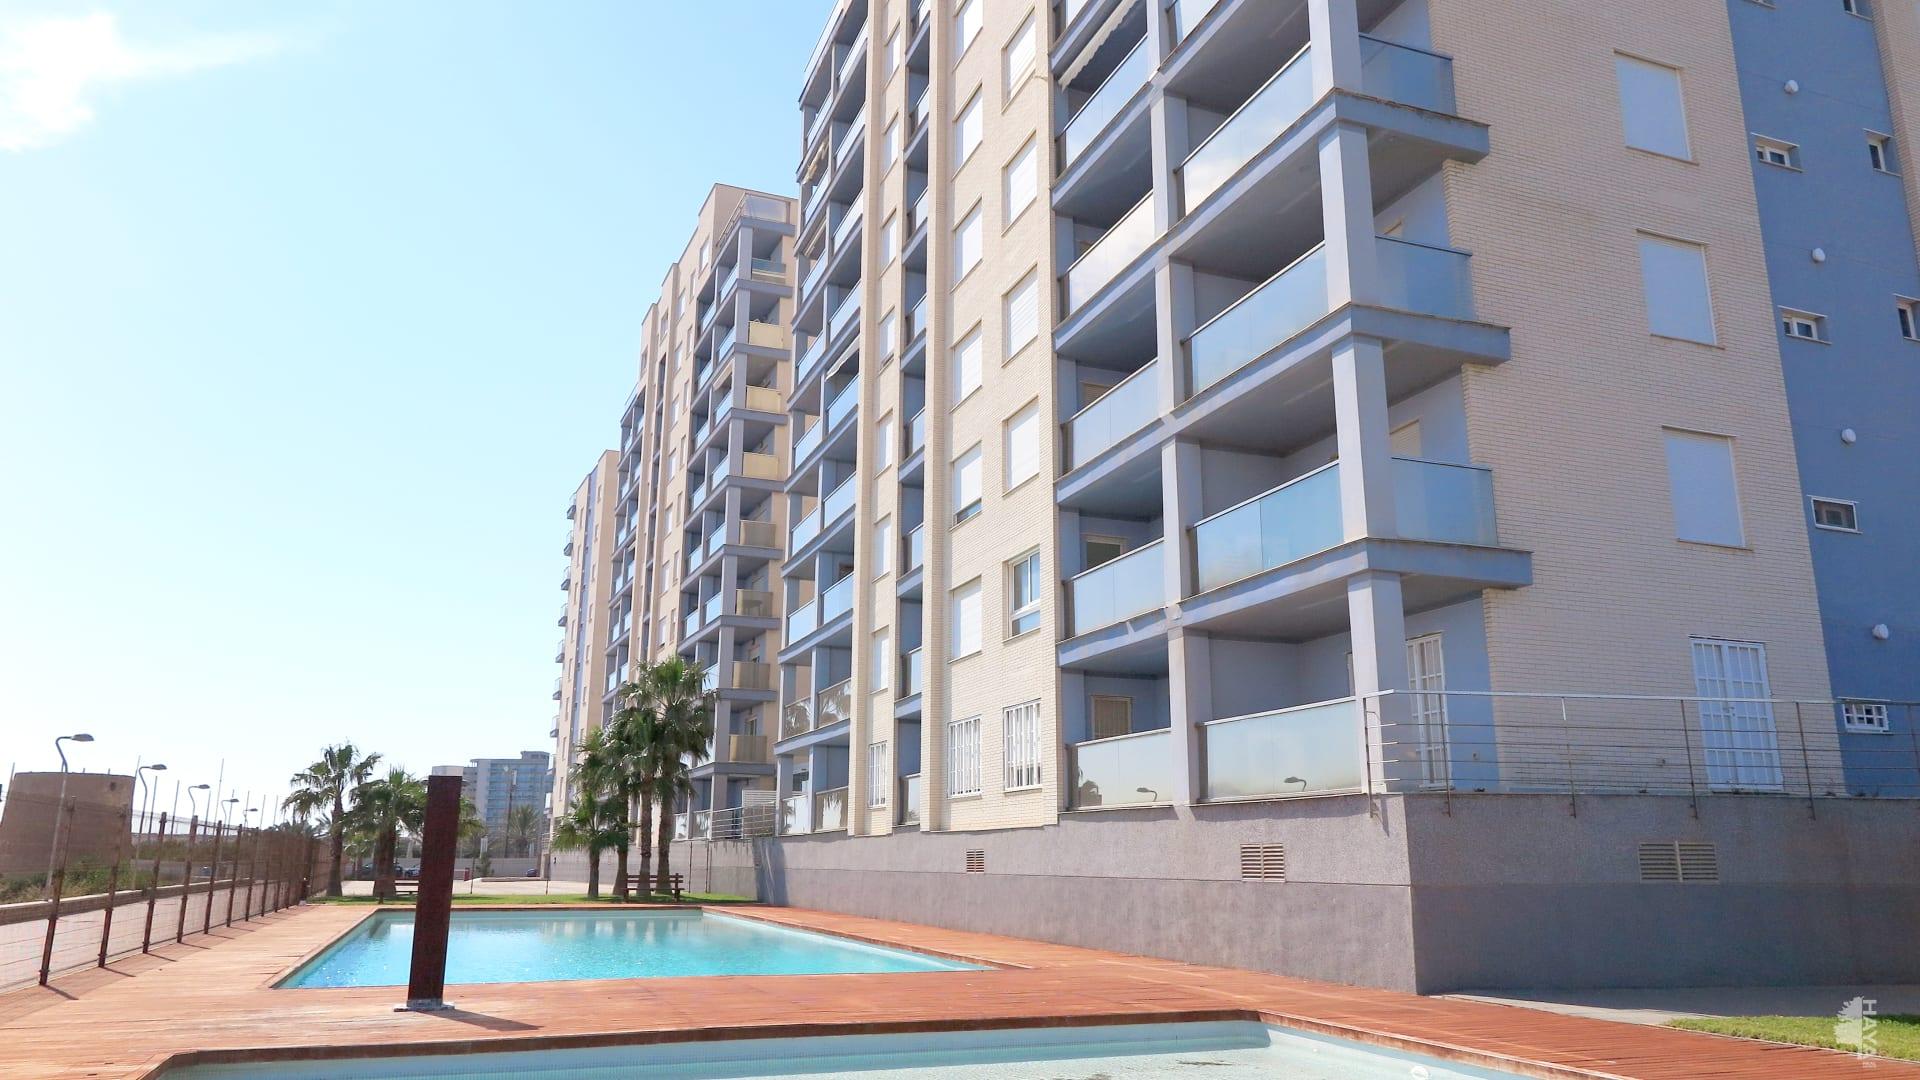 Piso en venta en San Javier, Murcia, Calle Prolongación Pol F. Conj Resid. Veneziola Golf Ii, 93.000 €, 2 habitaciones, 2 baños, 43 m2